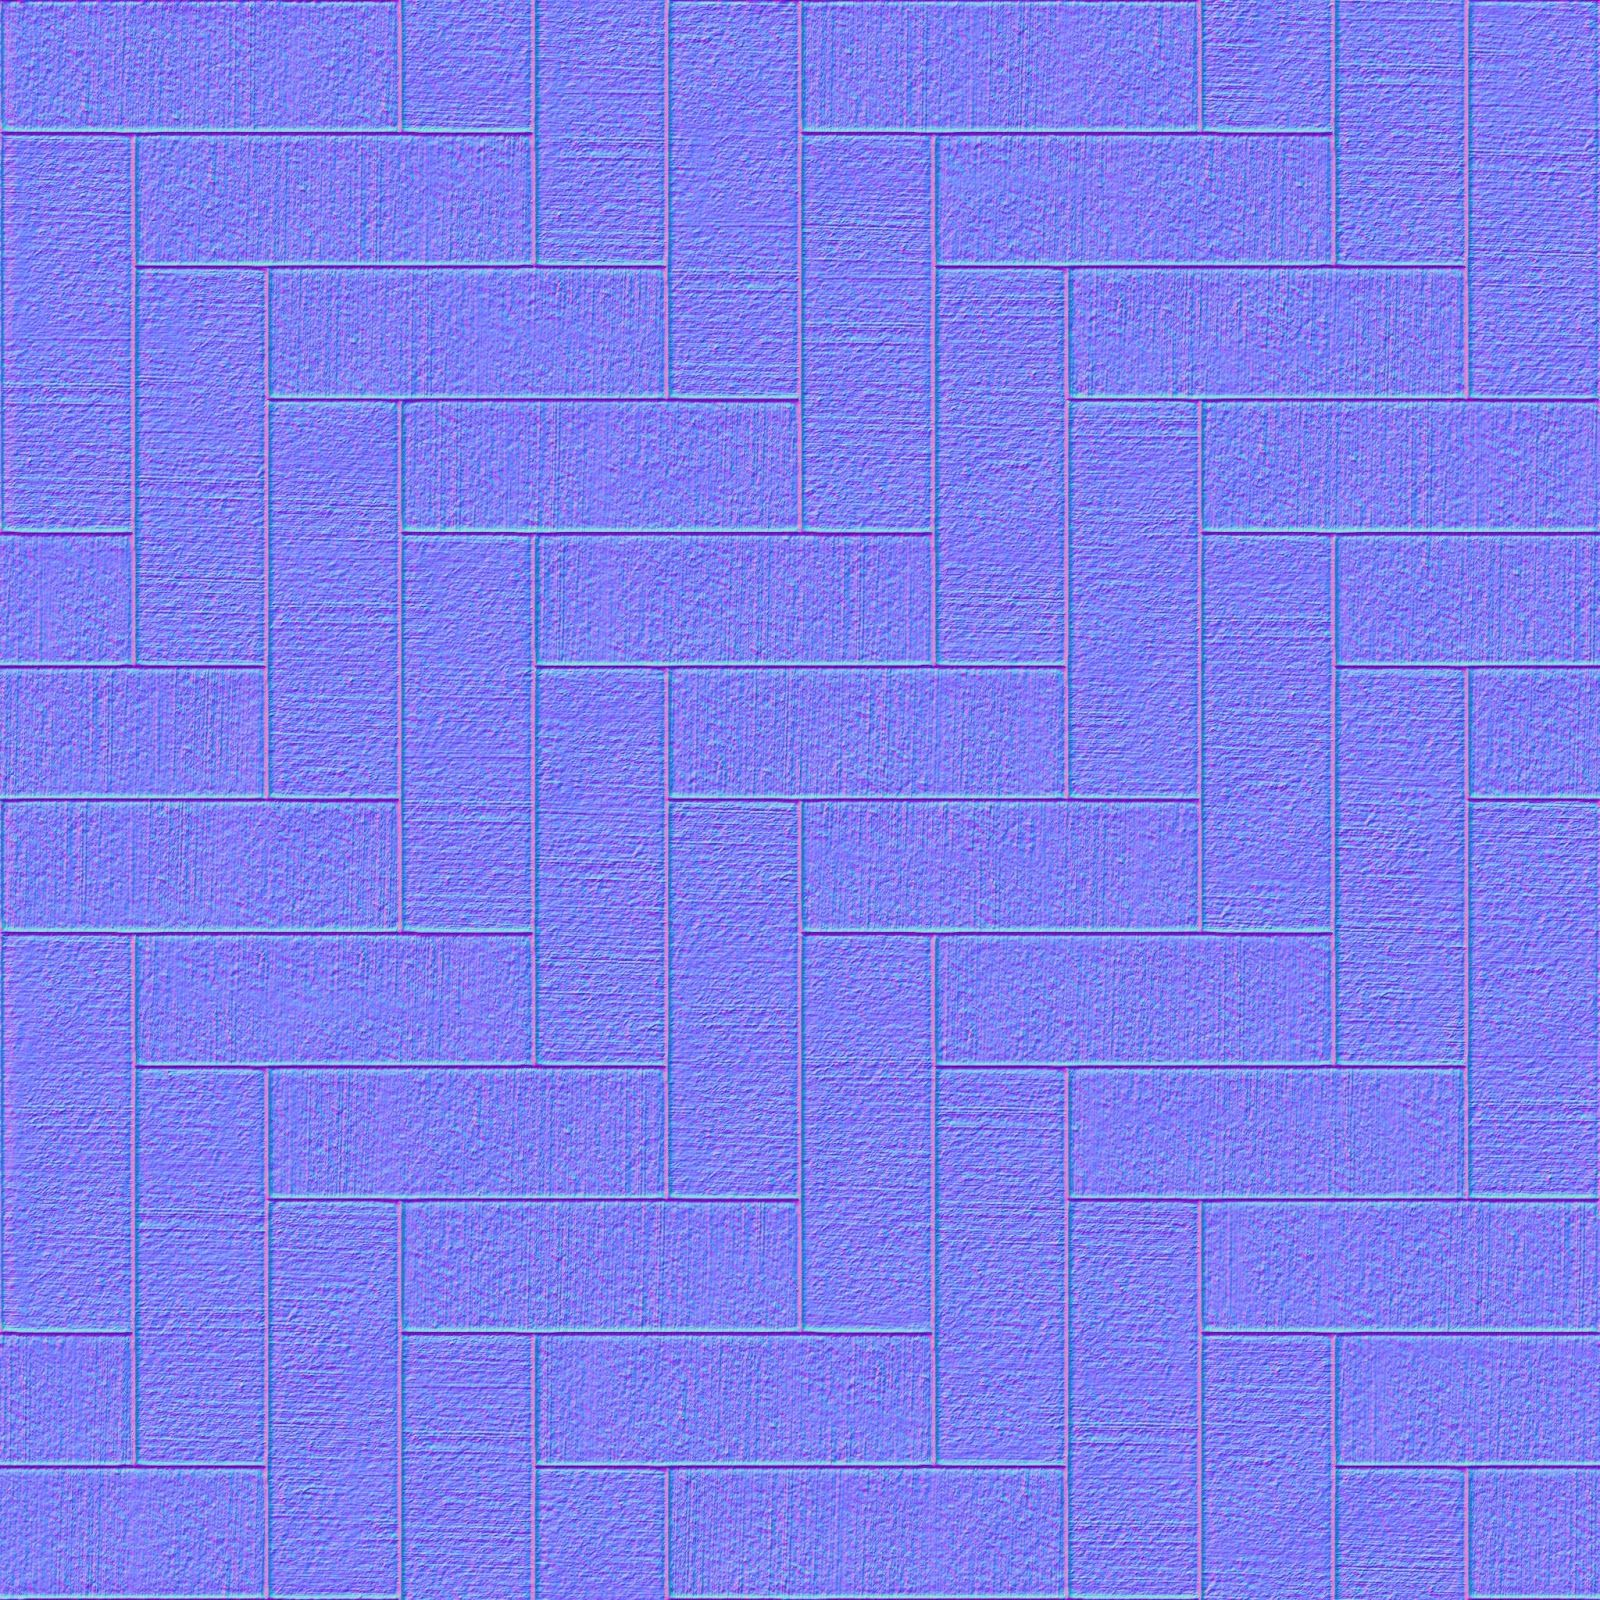 Seamless Concrete Tiles Maps Texturise Textures 纹理